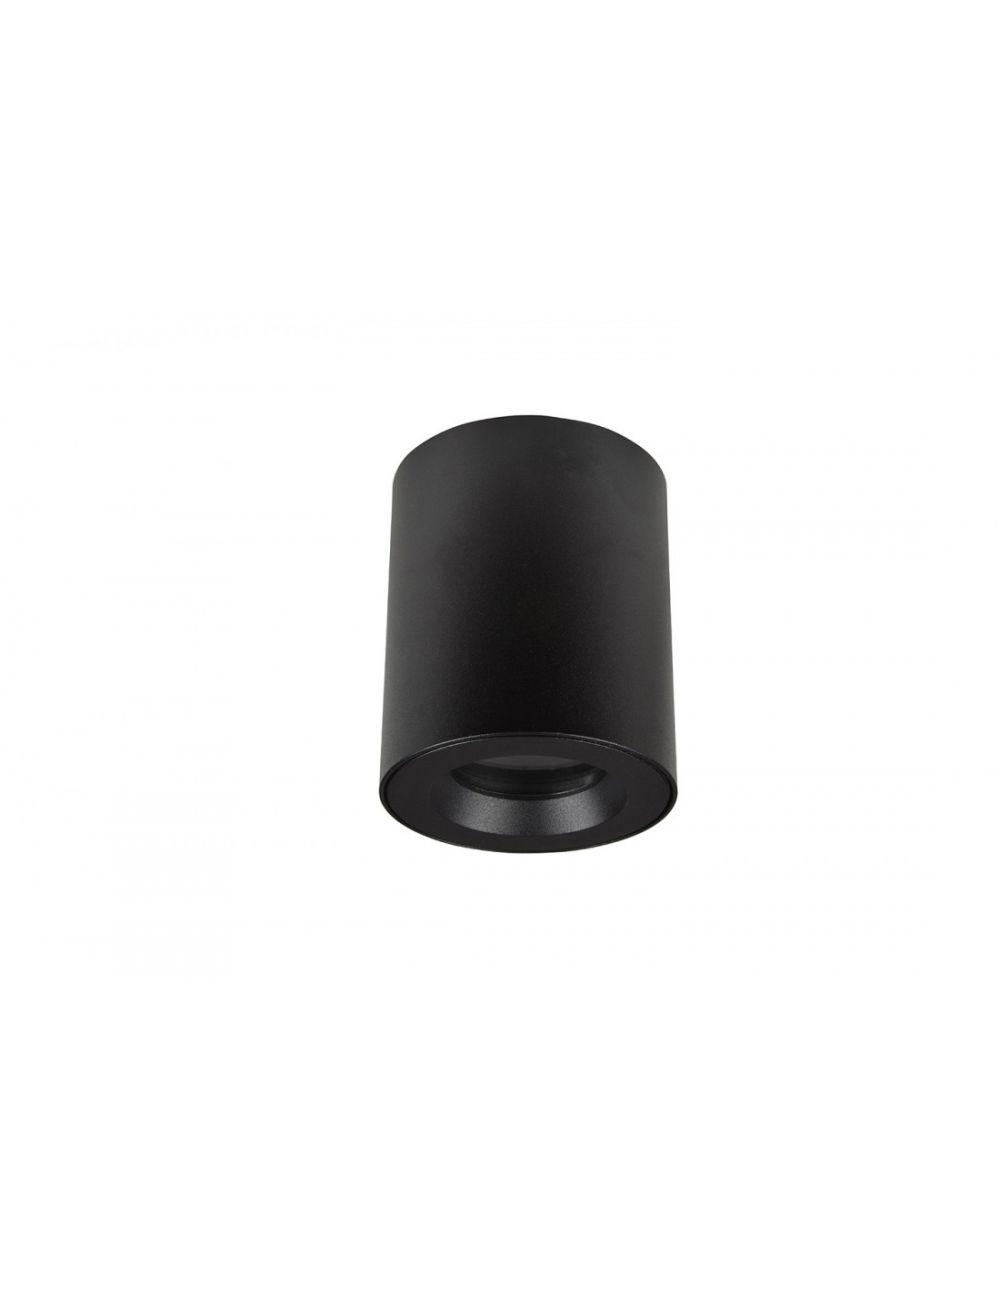 Lampa natynkowa tubka szczelna IP 54 Aro Azzardo GM4111 BK / AZ2558